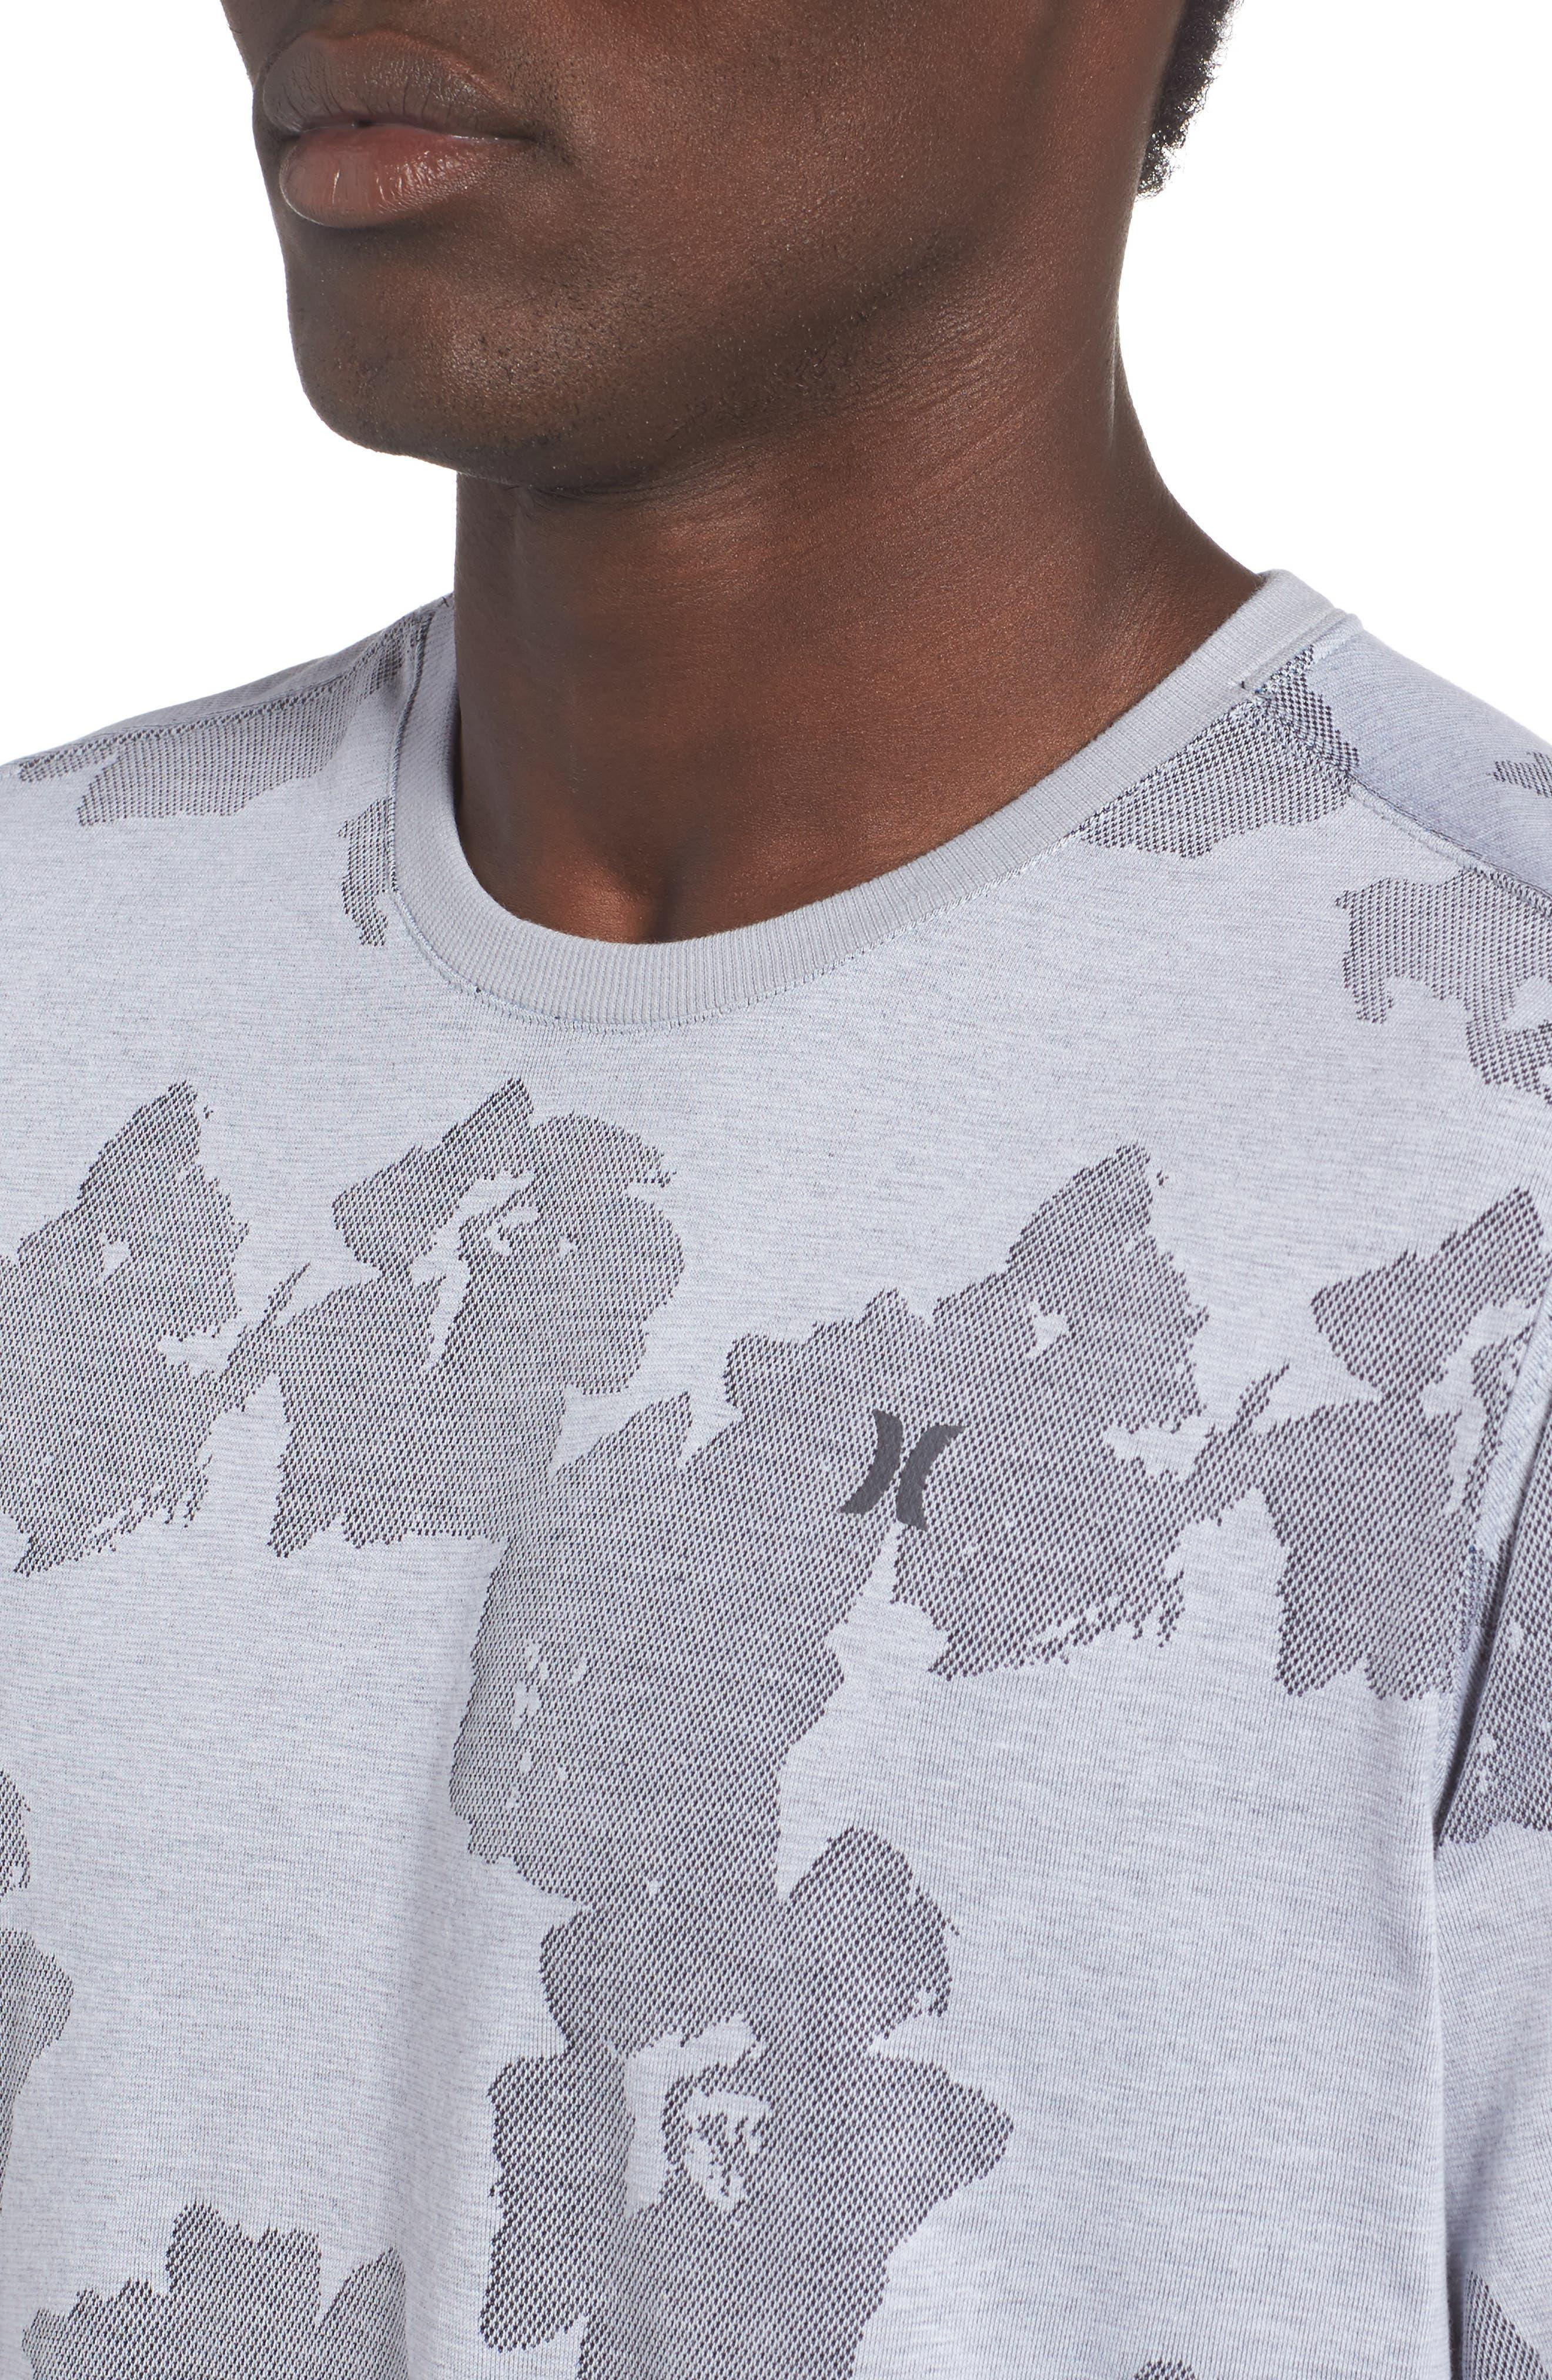 Aloha Dri-FIT T-Shirt,                             Alternate thumbnail 4, color,                             109